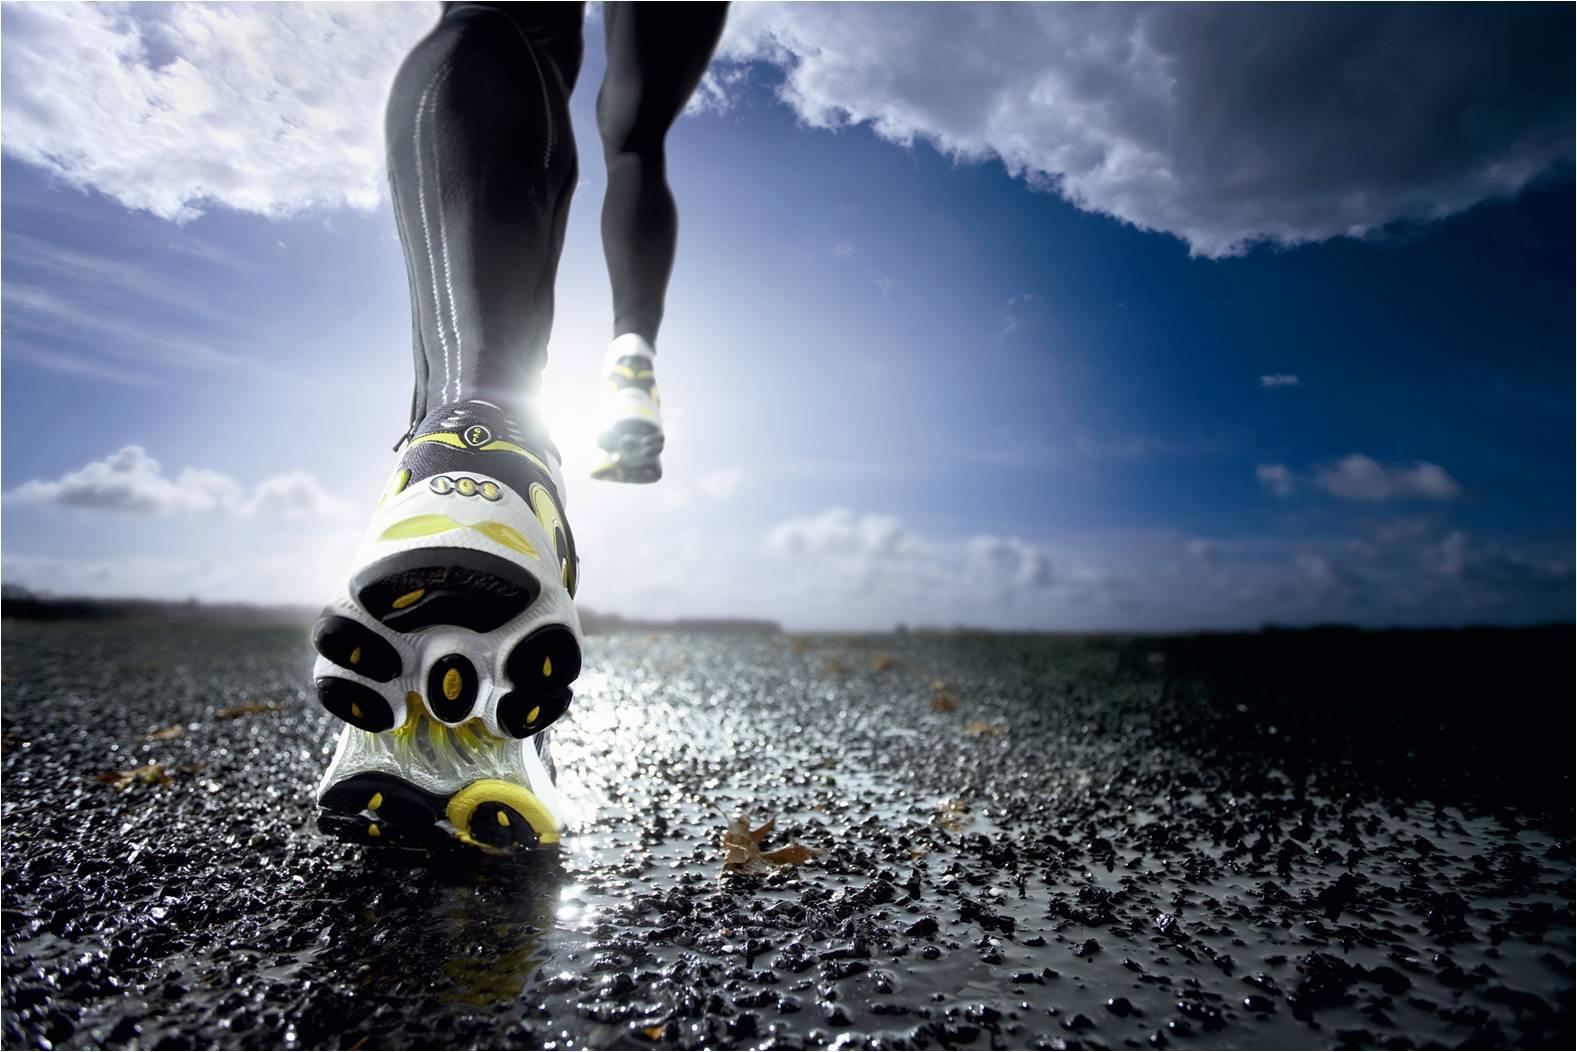 Интенсивный бег опасен для здоровья сердца, предупреждают врачи